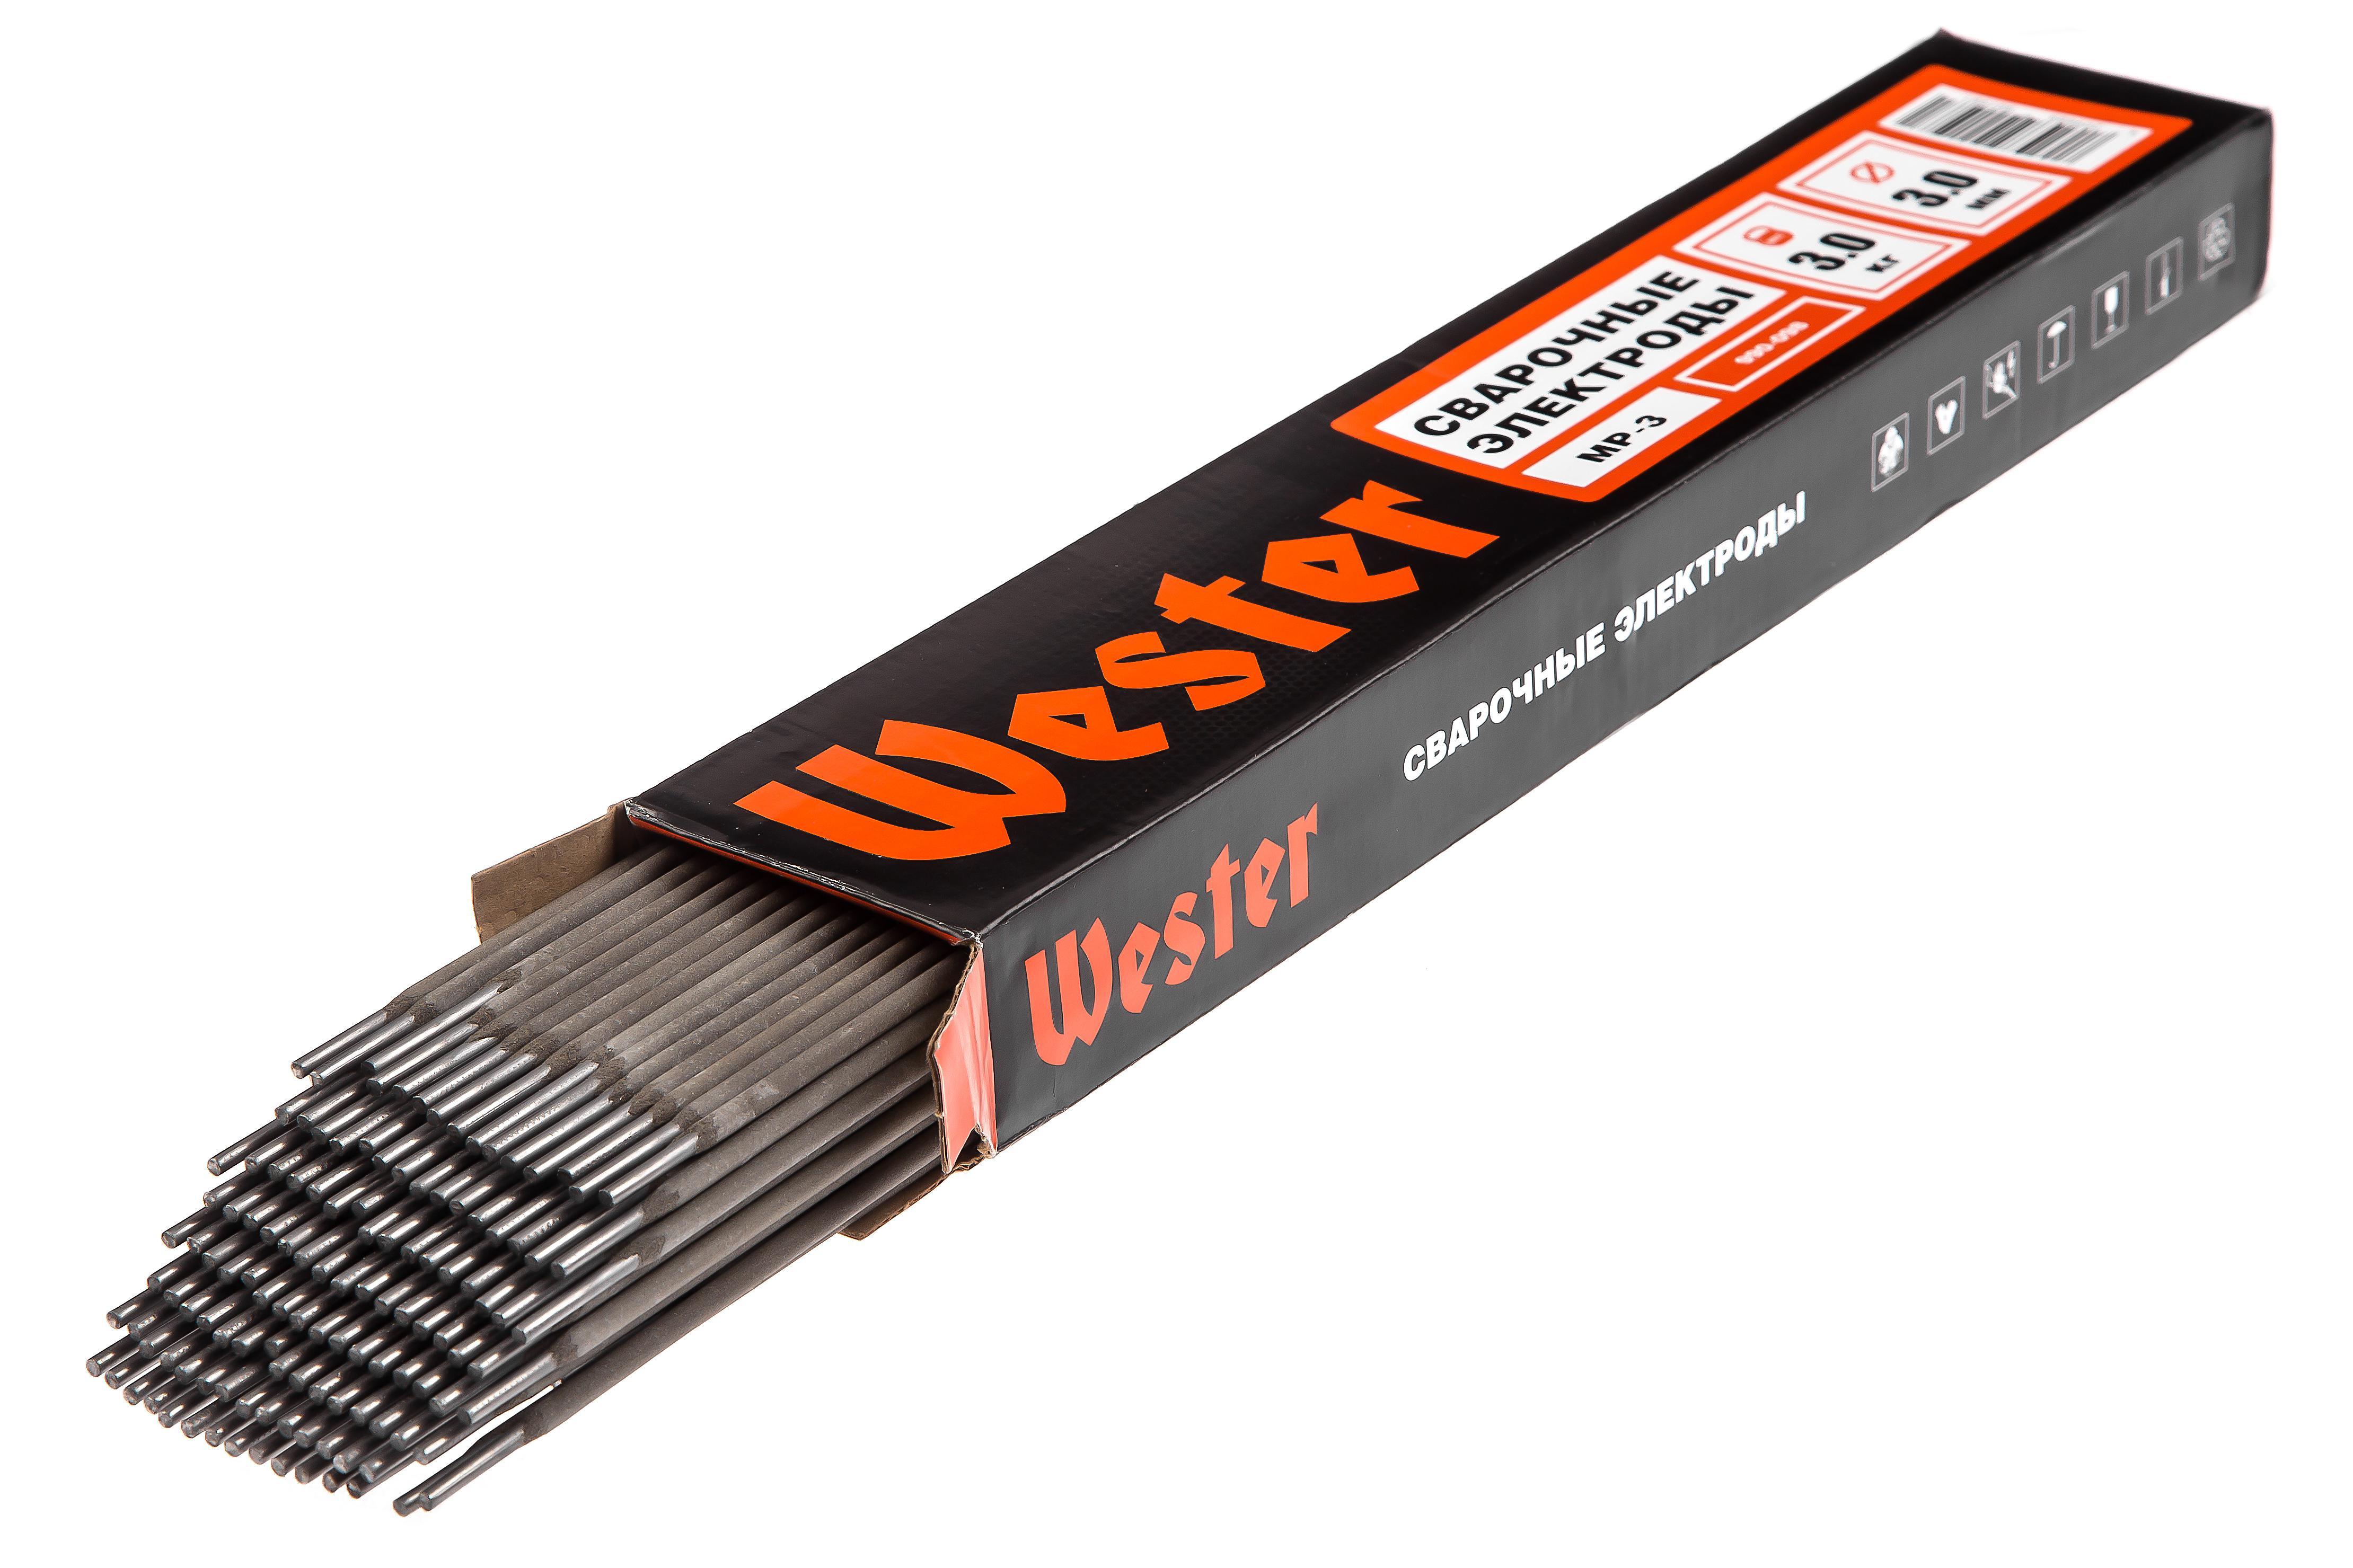 Электроды для сварки Wester МР-3, 3.0 мм, 3 кг электроды спецэлектрод мр 3 синие 4 мм 5 кг